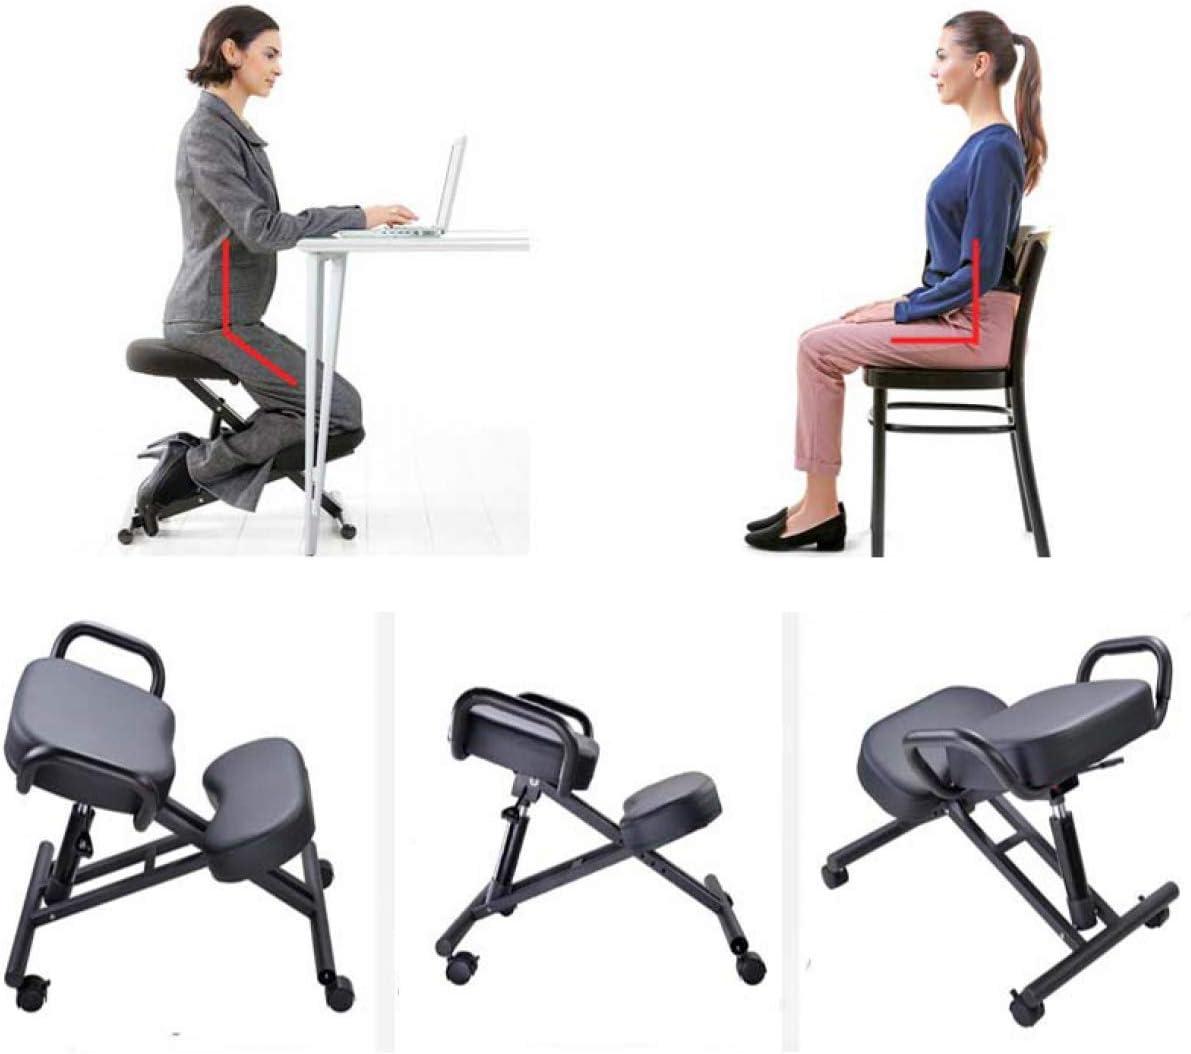 Autopeck Chaise ergonomique à genoux de bureau Réglable Posture Tabouret Maison Confortable Améliorer Siège Genoux Orthopédique Soins de Santé Sièges Marron Foncé